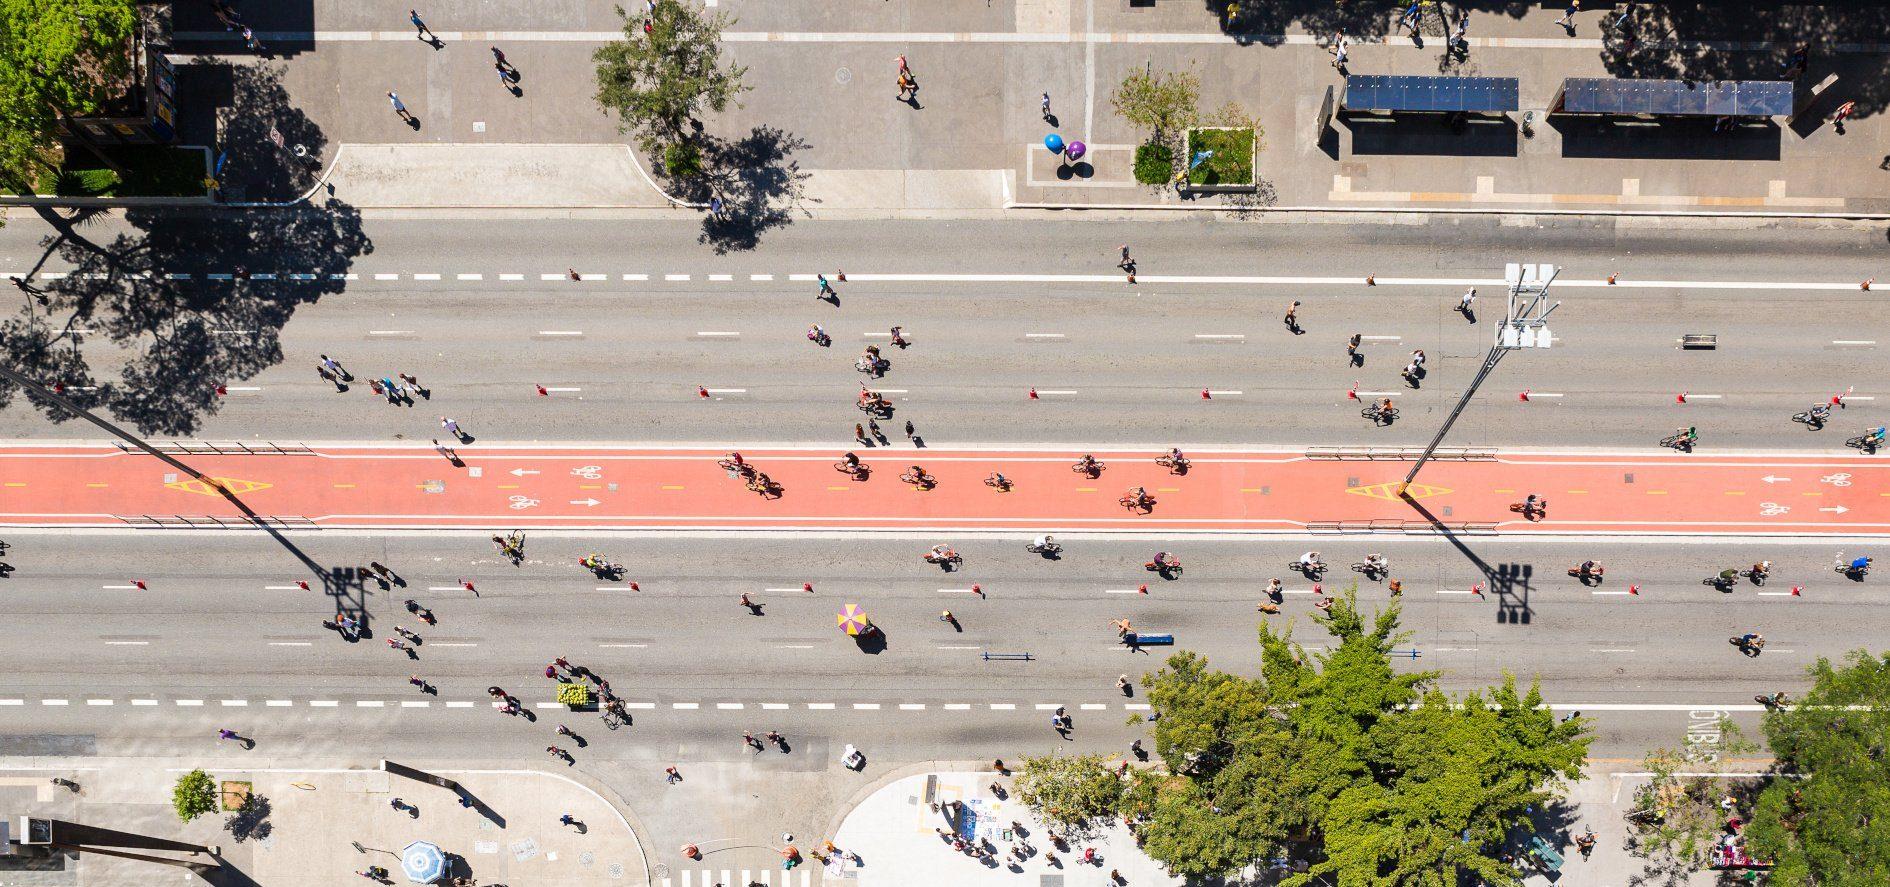 Radverkehrsplan 3.0 sieht mehr, bessere und sicherere Radwege vor.